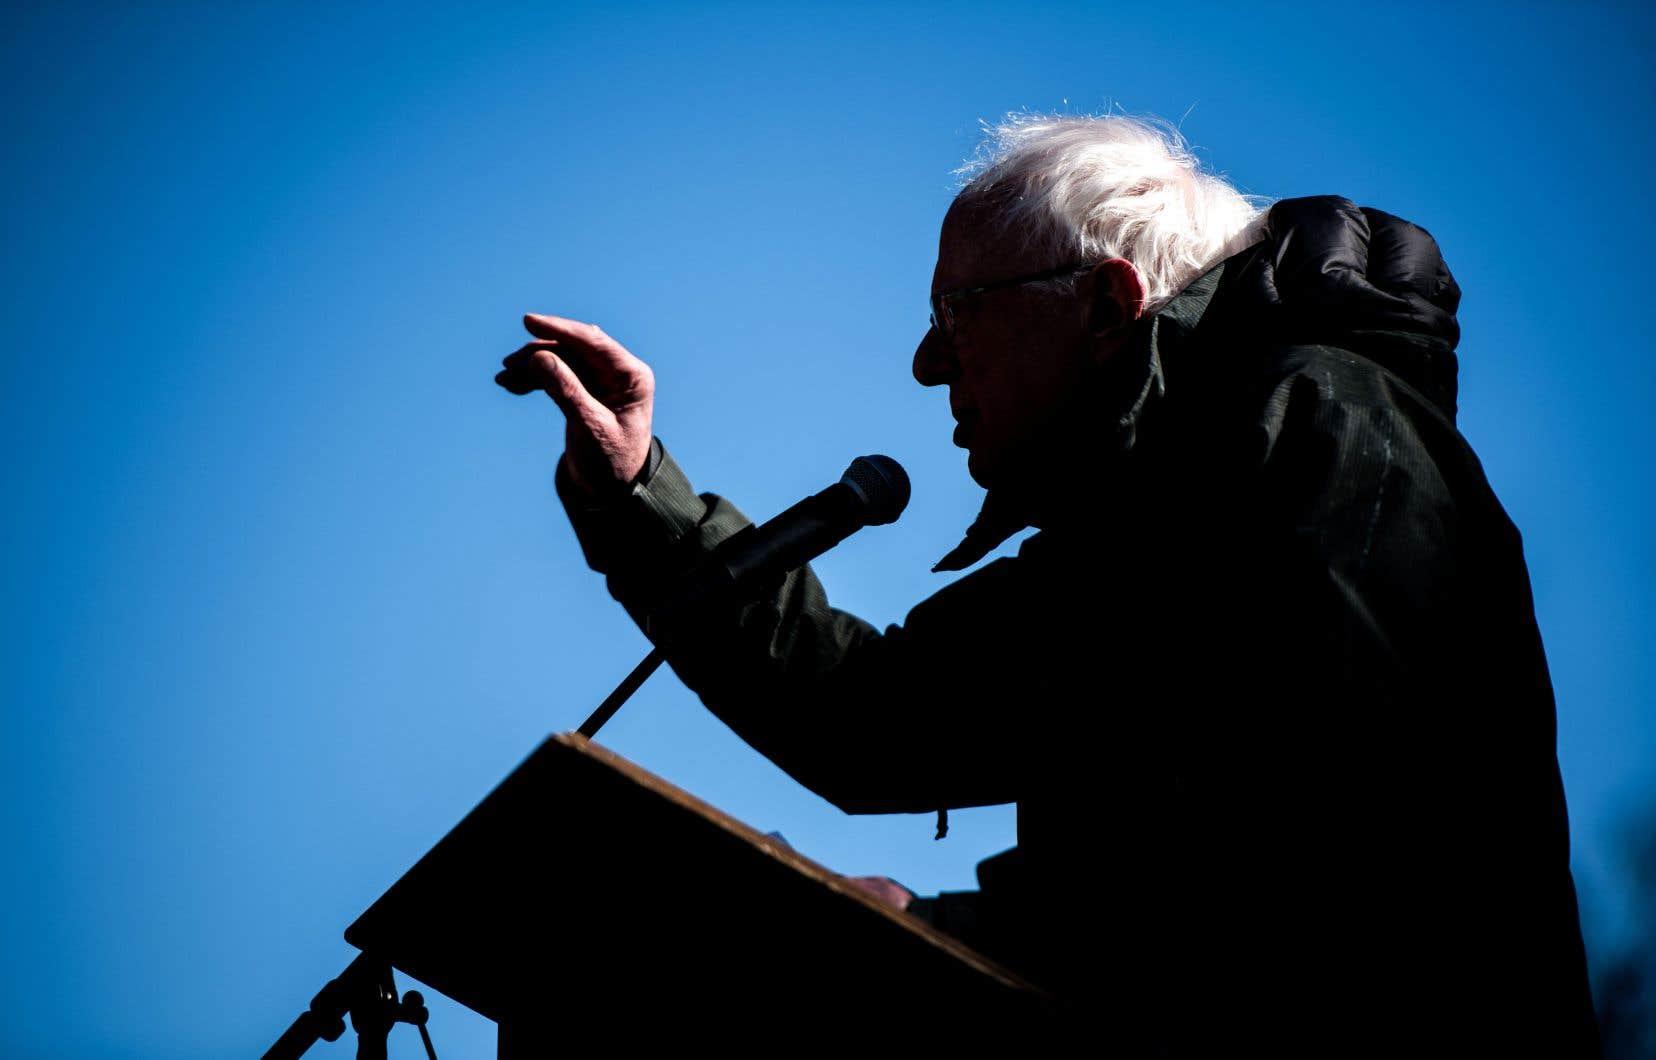 Dans les 24heures qui ont suivi l'annonce officielle de son entrée dans la course à l'investiture, Bernie Sanders a amassé en dons pour sa campagne pas moins de 5,9millions de dollars.